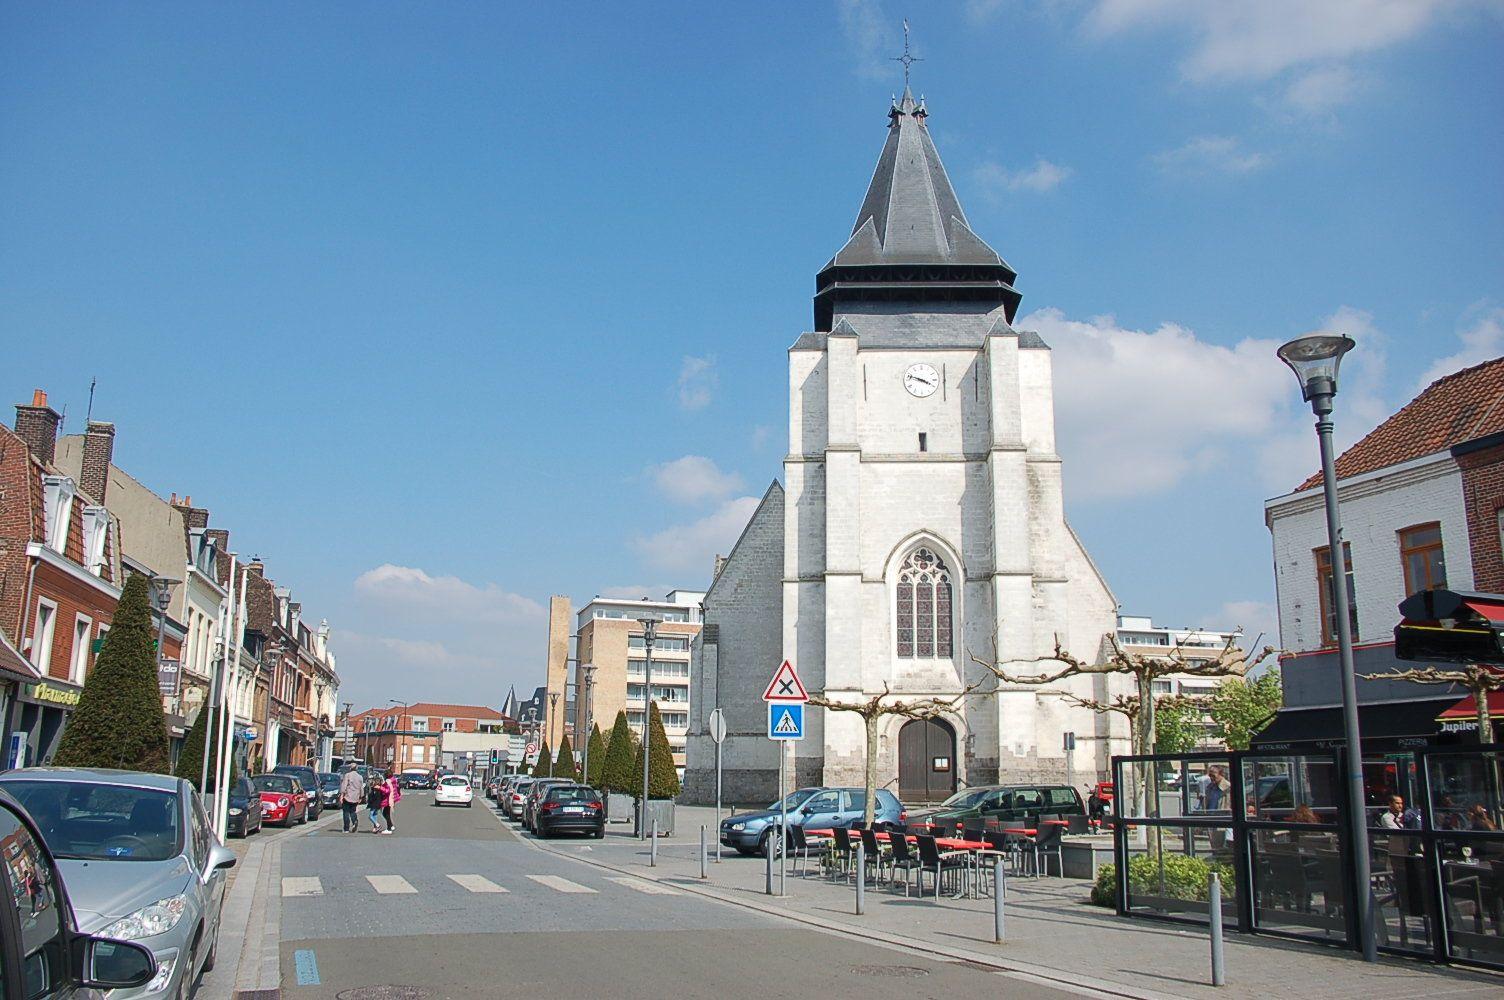 orpi_marcq_immobilier_est_present_dans_le_quartier_de_saint_vincent.jpg